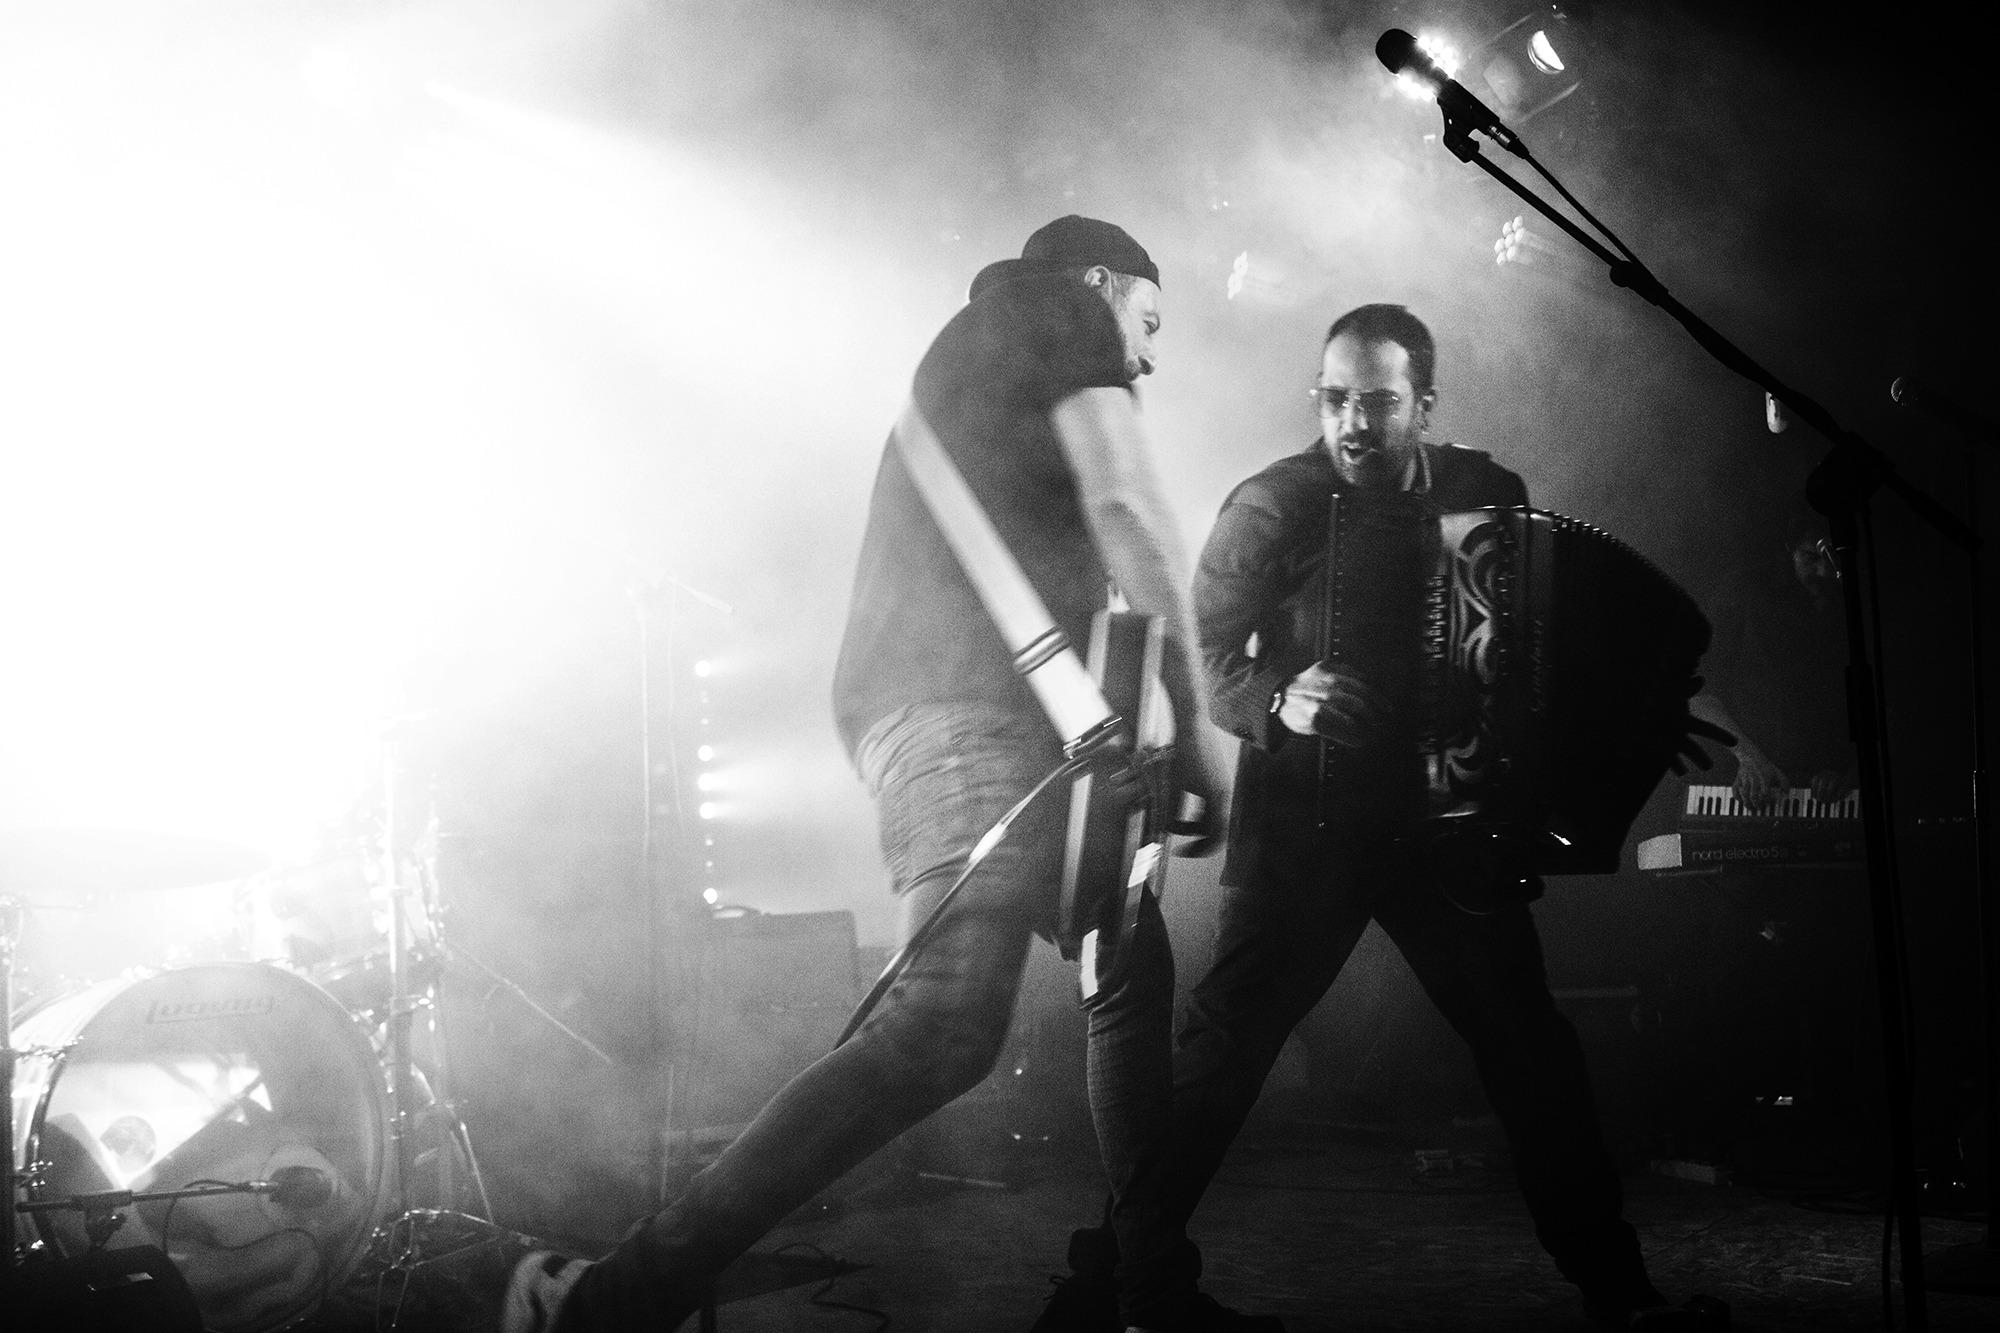 uomini in concerto in bianco e nero